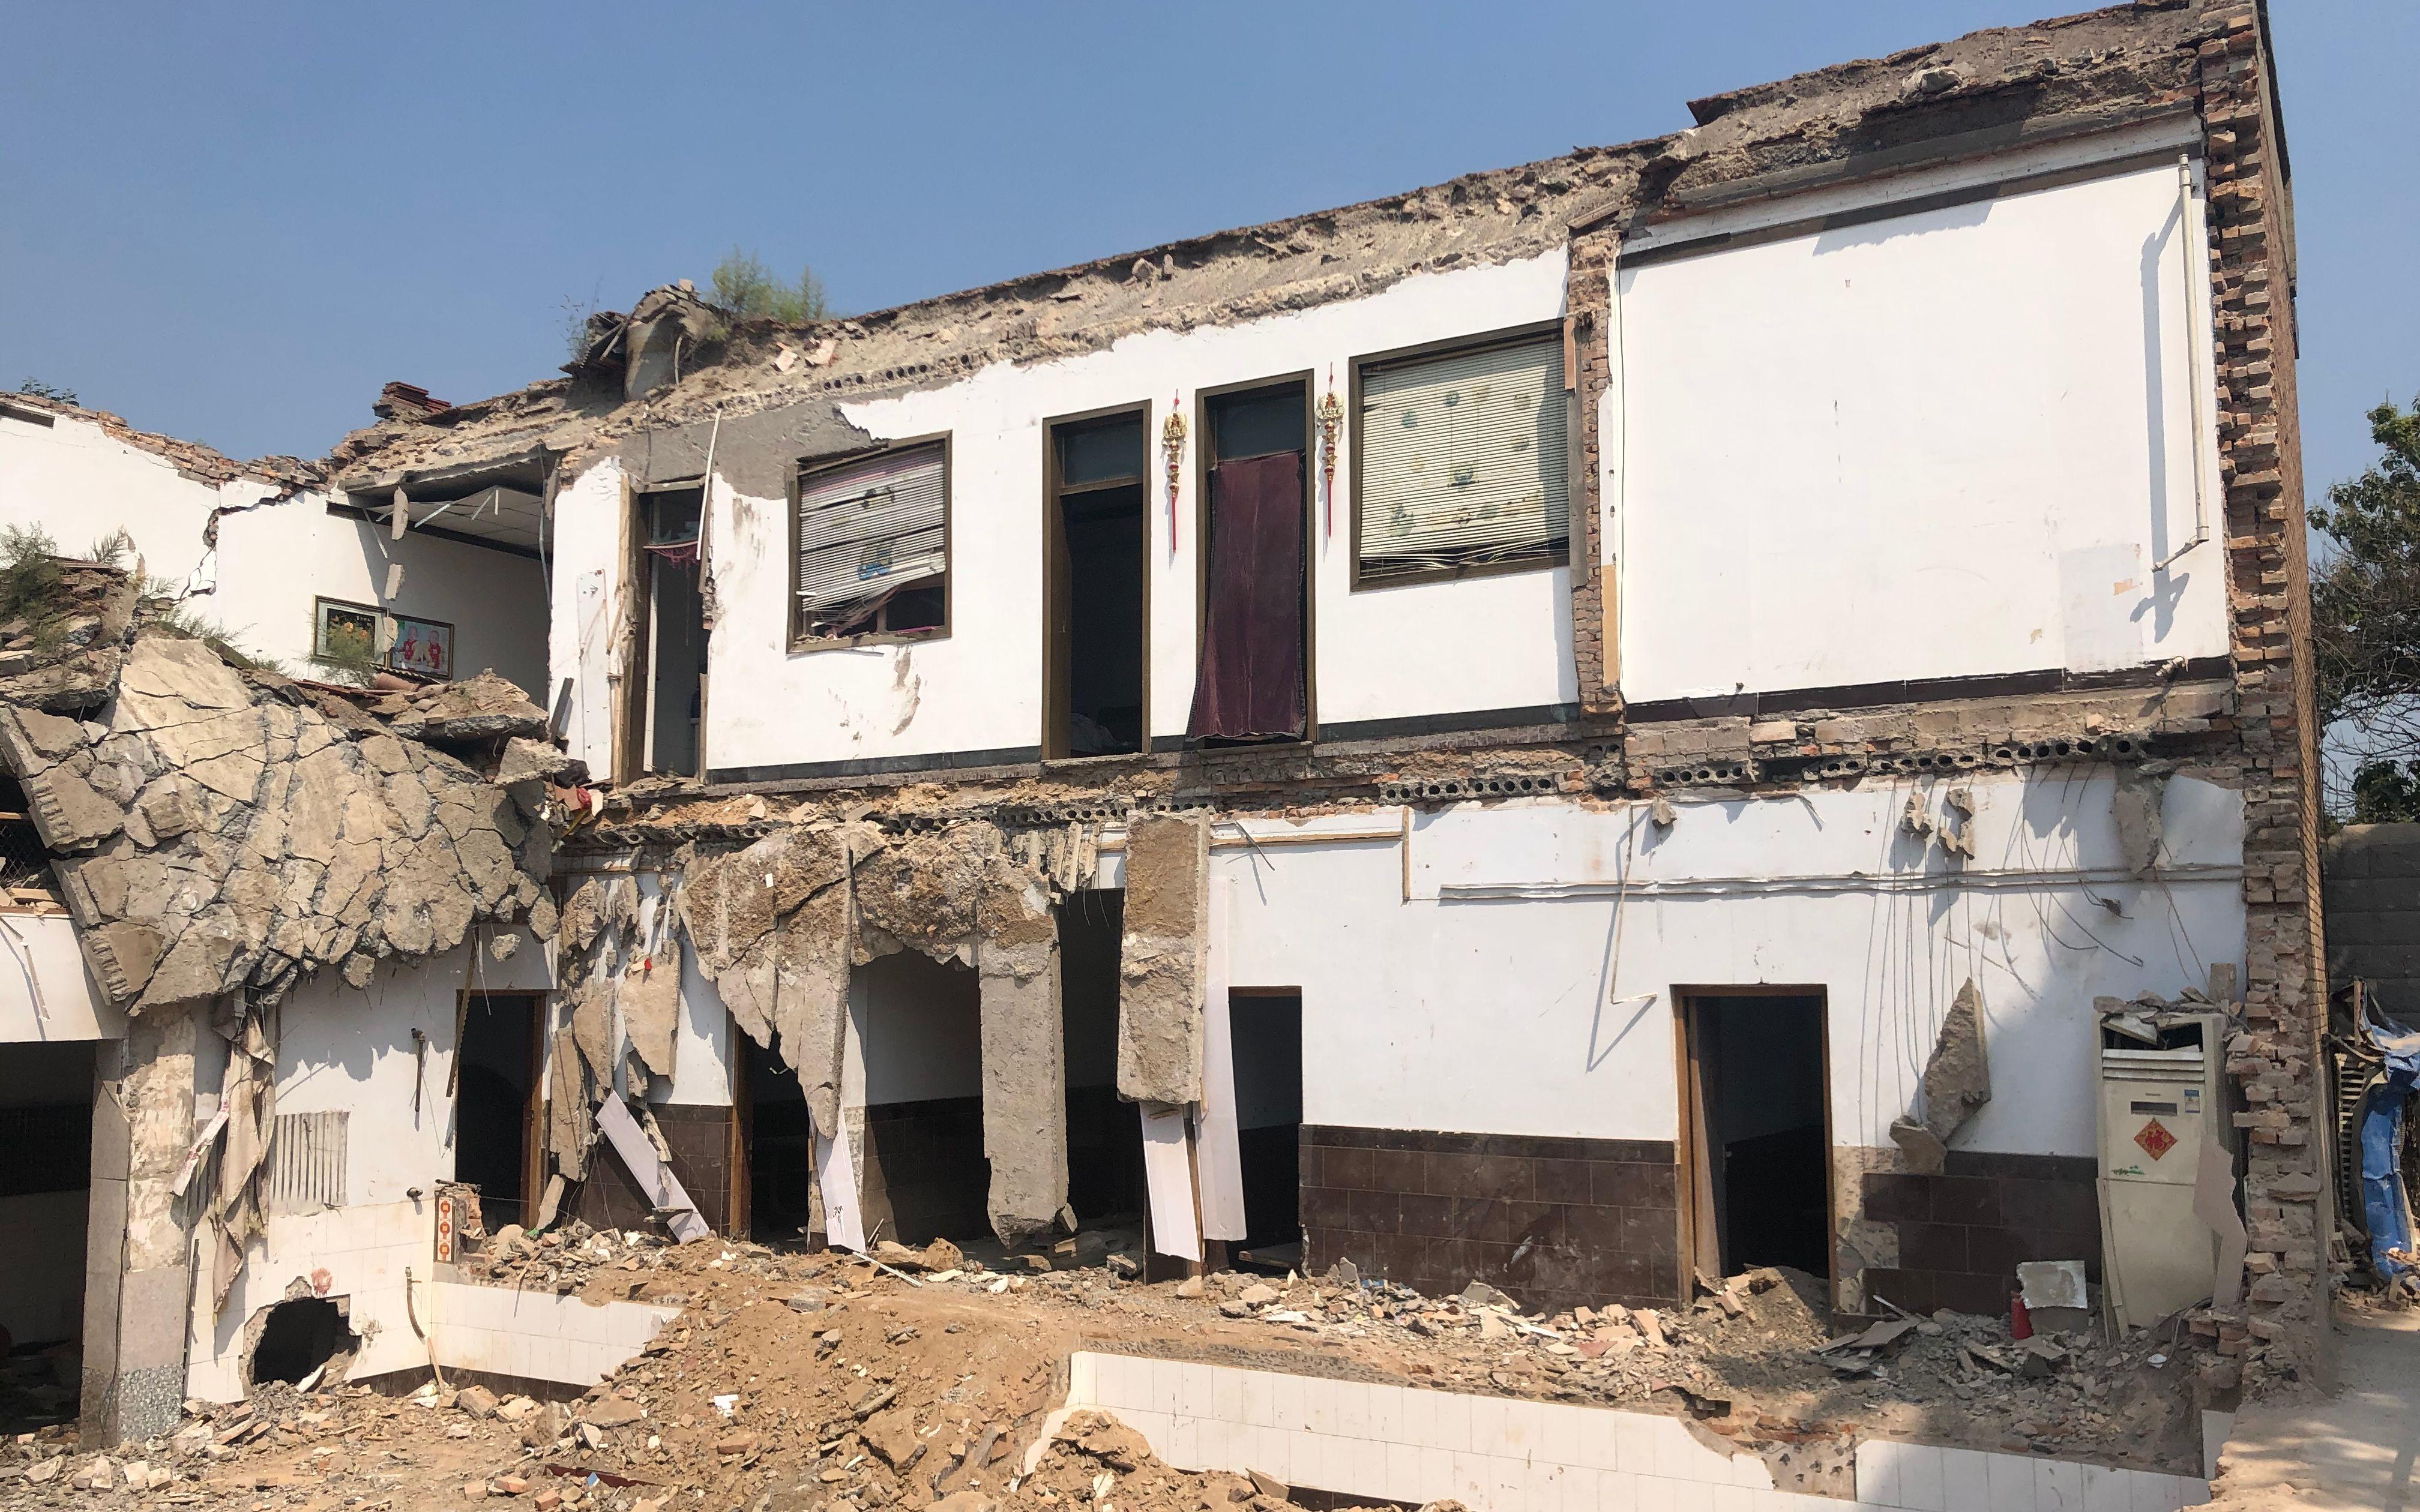 山西临汾坍塌饭店:为村民自建房,十多年间曾加盖、扩建五六次